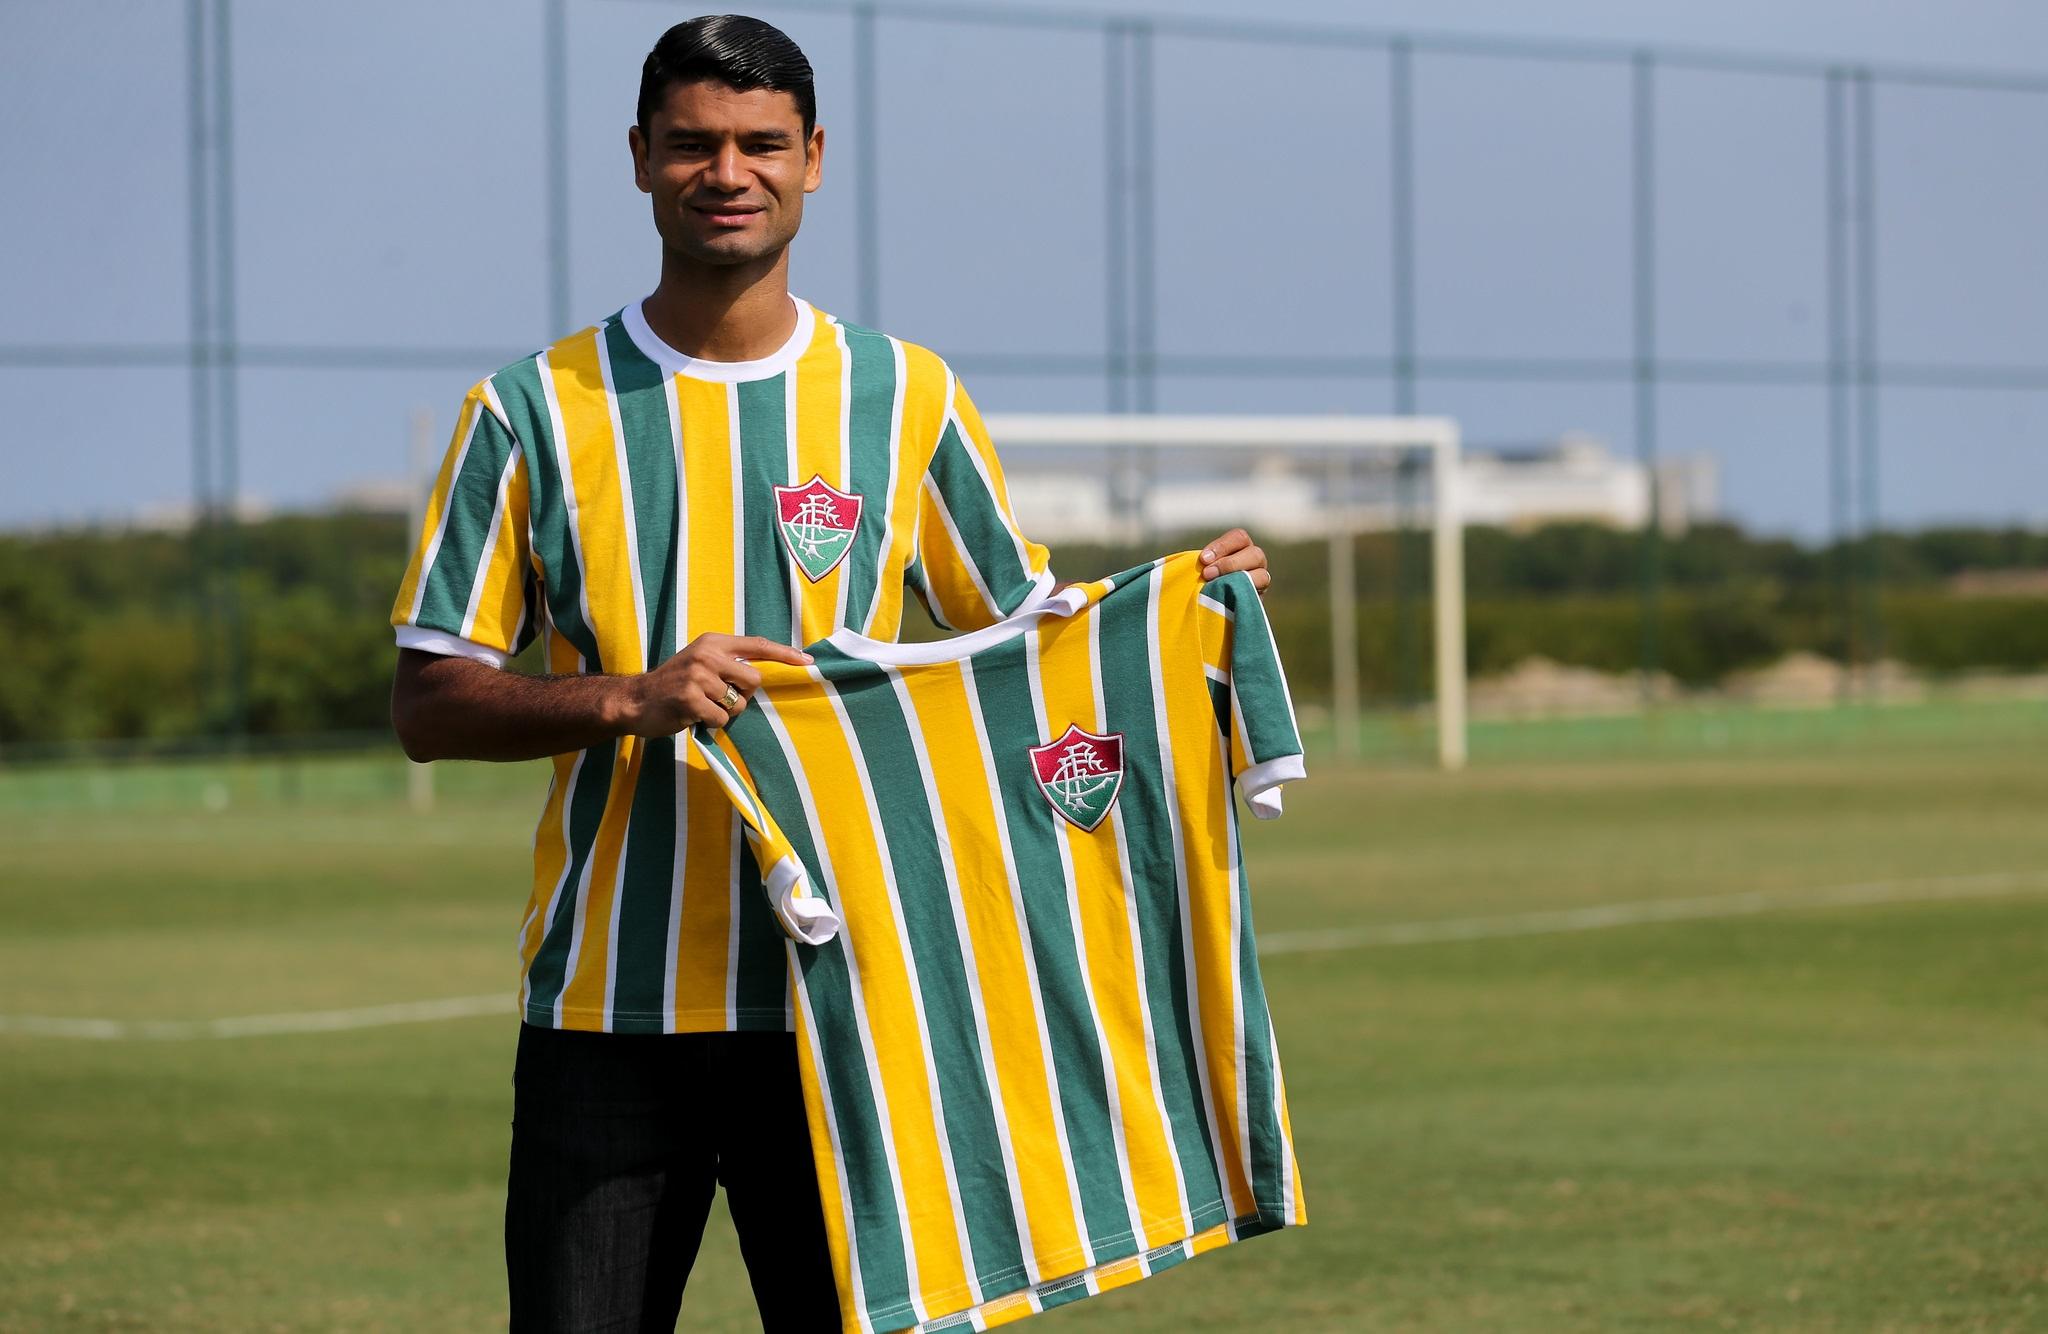 Fluminense lança camisa especial para a Copa do Mundo - EXPLOSÃO ... 66cae820e2a22